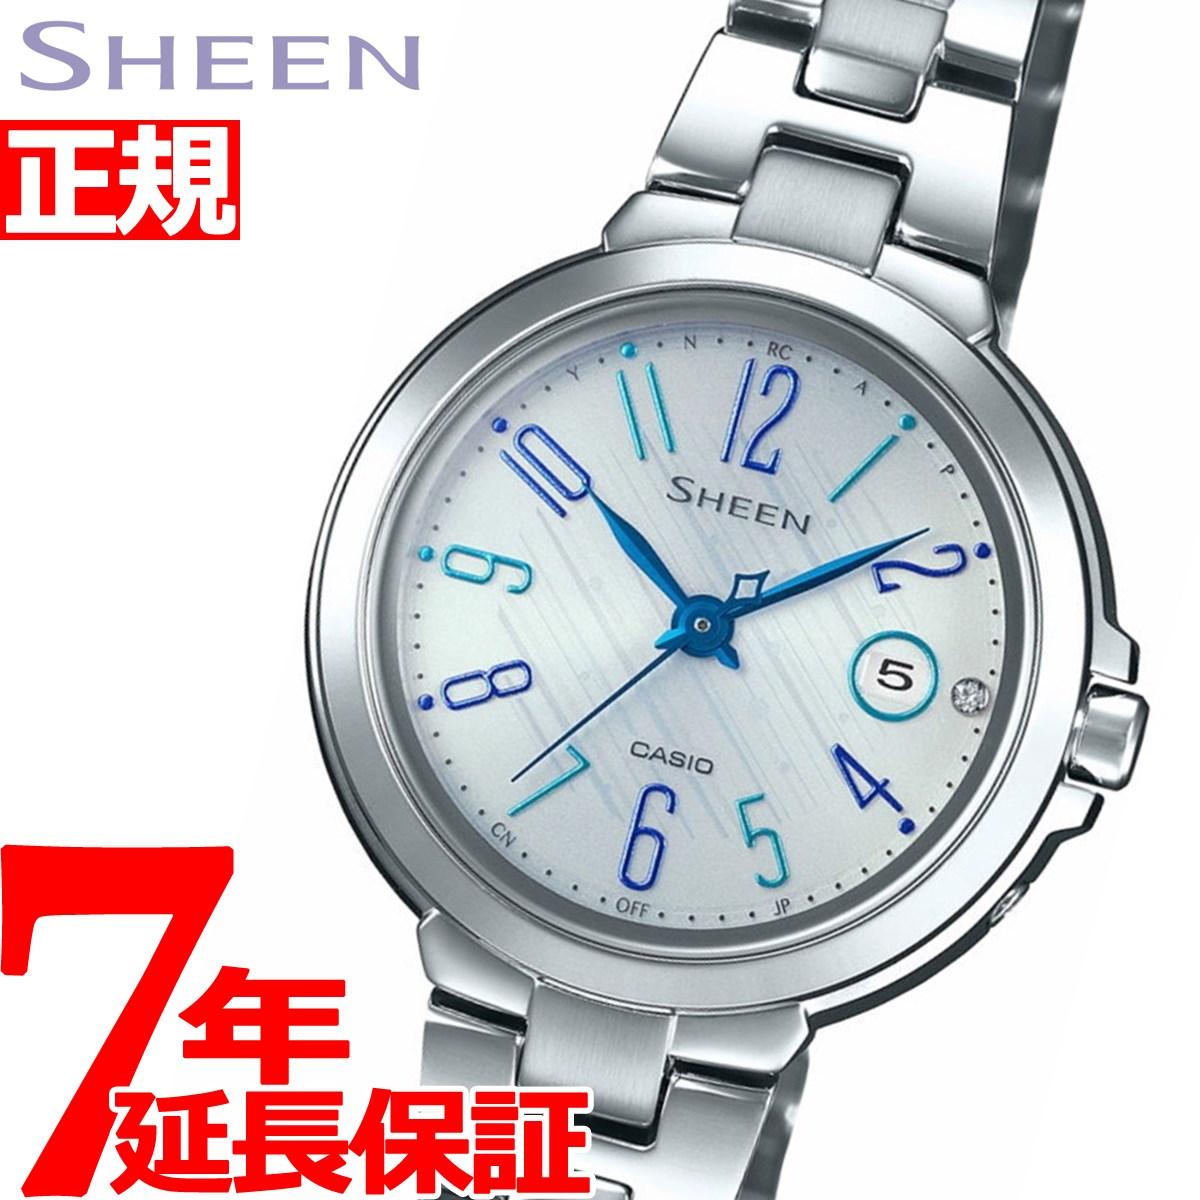 【SHOP OF THE YEAR 2018 受賞】カシオ シーン CASIO SHEEN 電波 ソーラー 電波時計 腕時計 レディース SHW-5100D-7AJF【2018 新作】